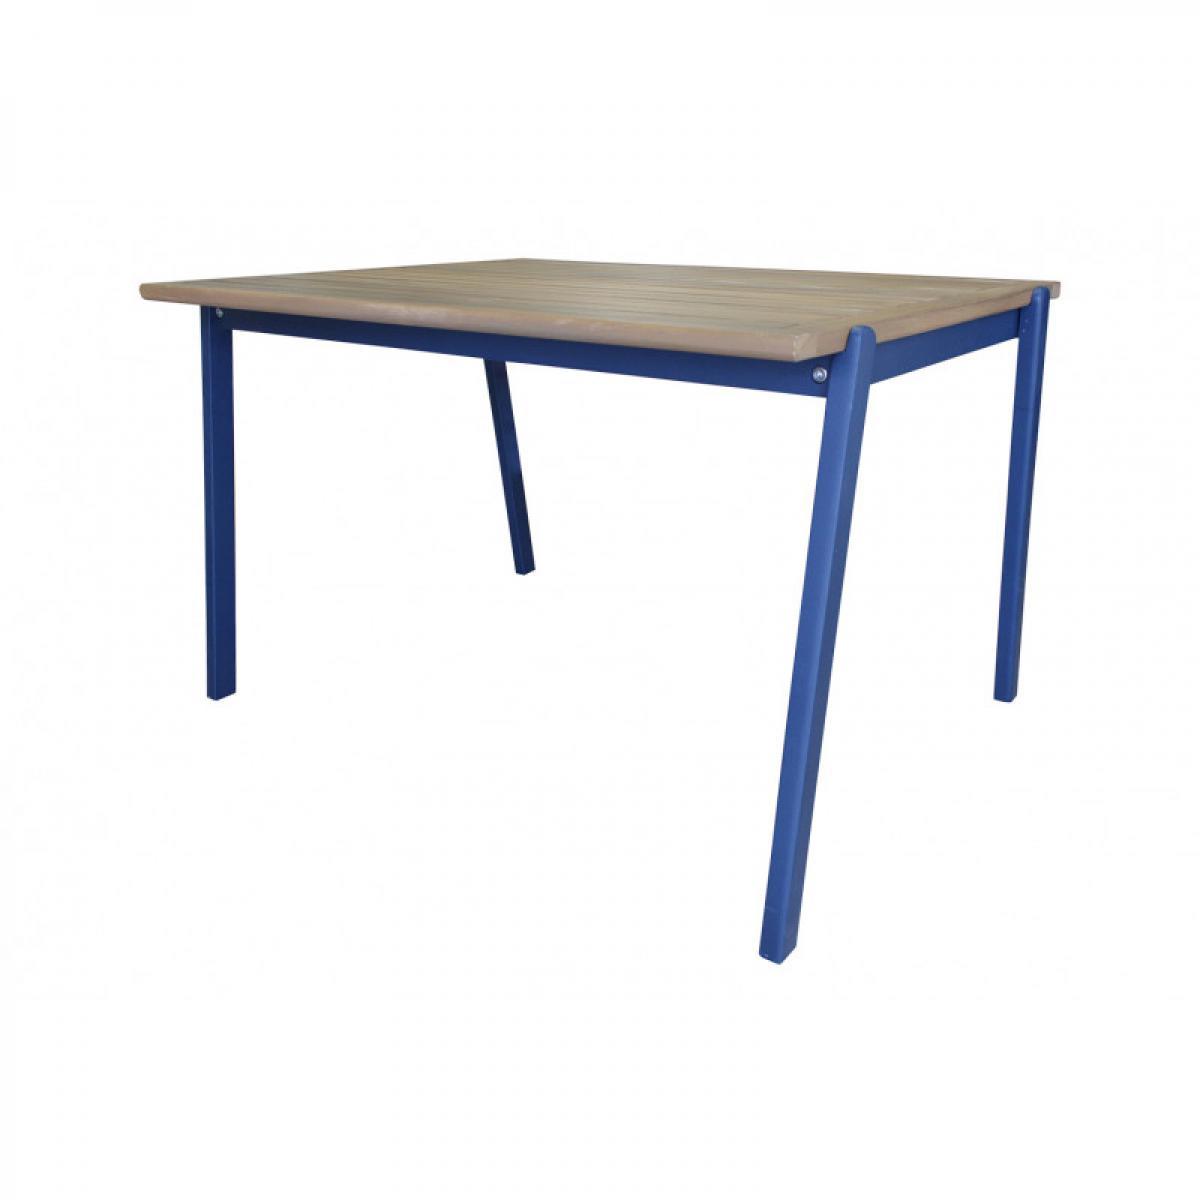 Meubletmoi Table de jardin pour enfant en bois d'acacia bleu - CHARLOTTE 3422